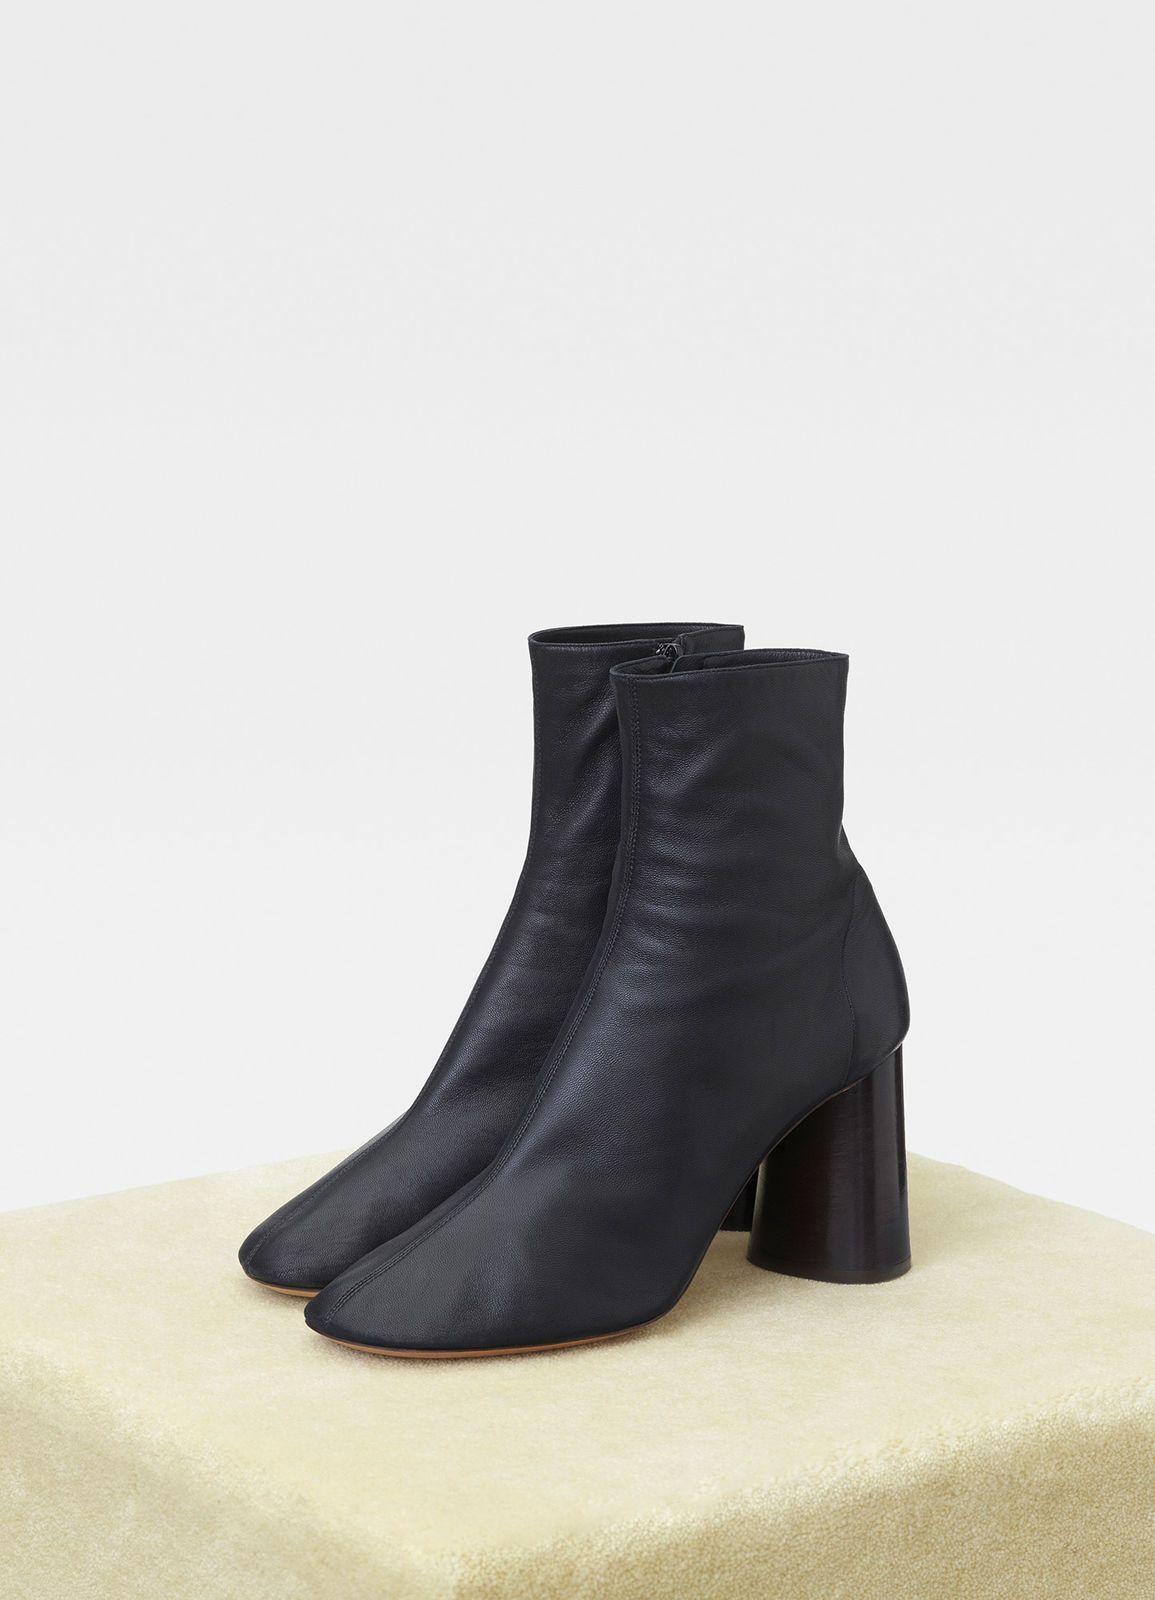 a7dfdc120 Elliptic heel ankle boot in nappa lambskin